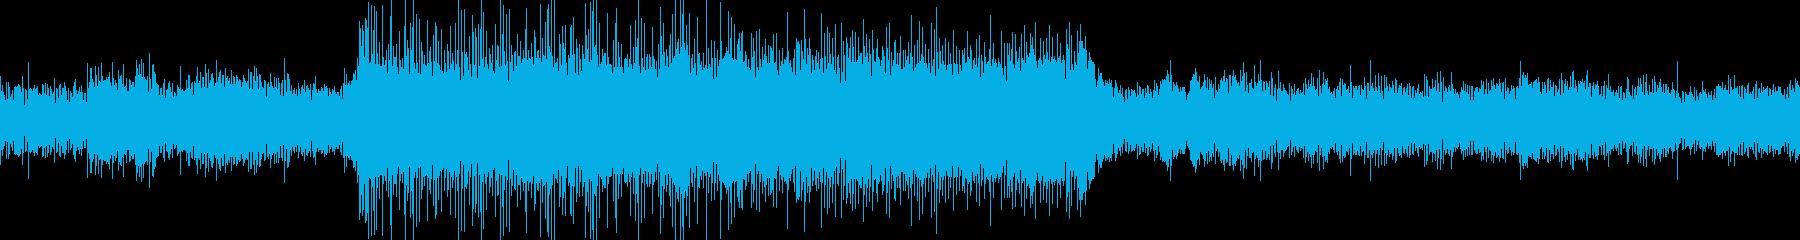 不気味/ホラー/暗い/ループの再生済みの波形